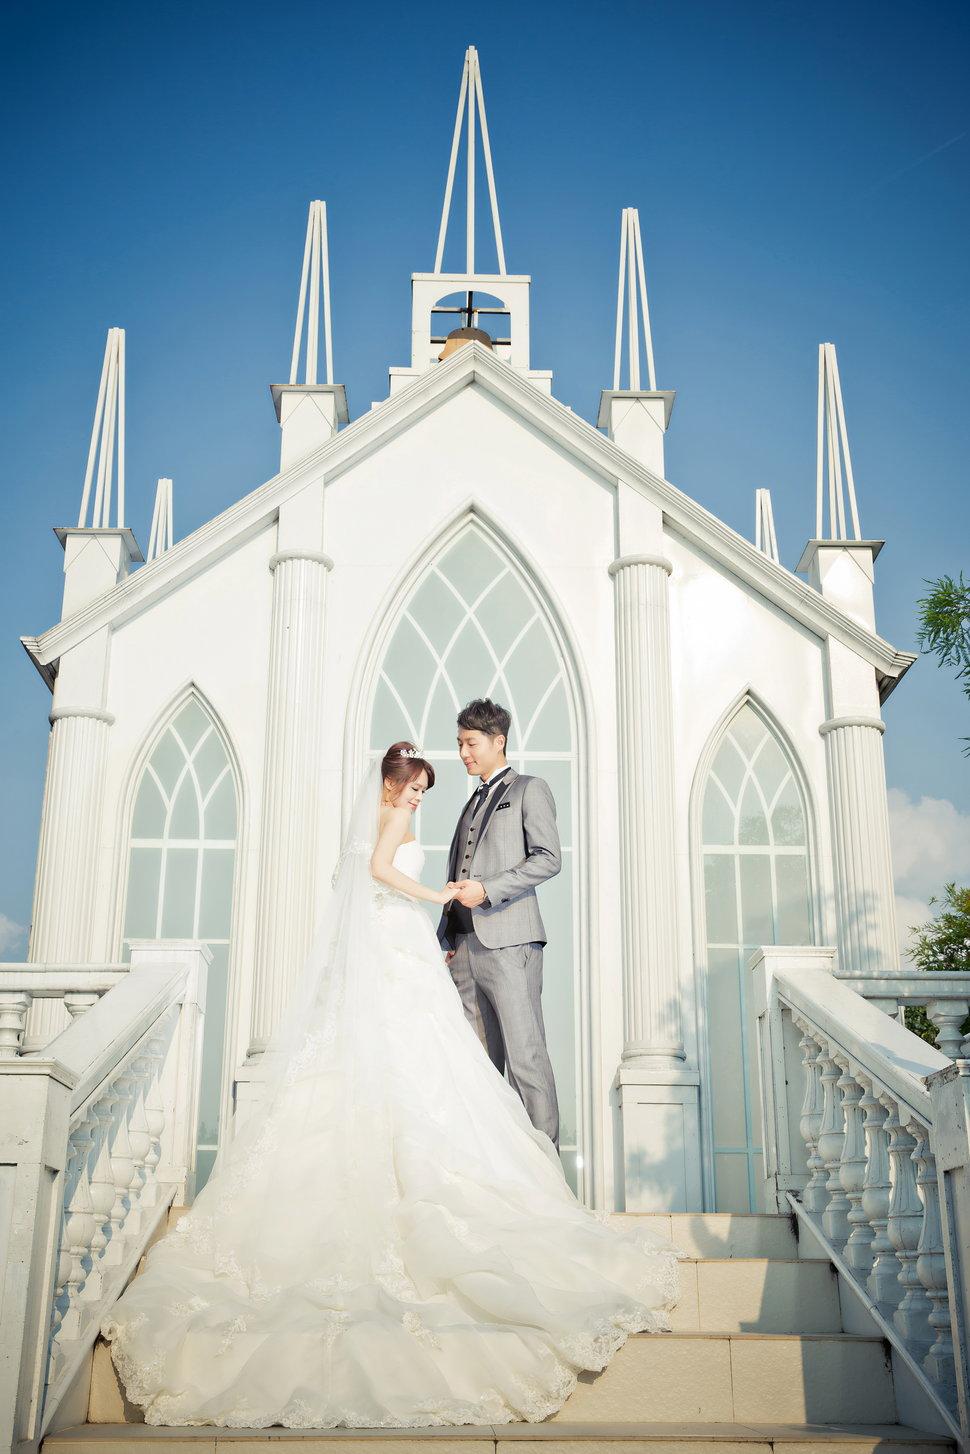 熟悉的角落 是最美麗的風景  希臘婚禮  新人分享 智&芸(編號:423746) - 希臘婚禮  婚紗  攝影 - 結婚吧一站式婚禮服務平台